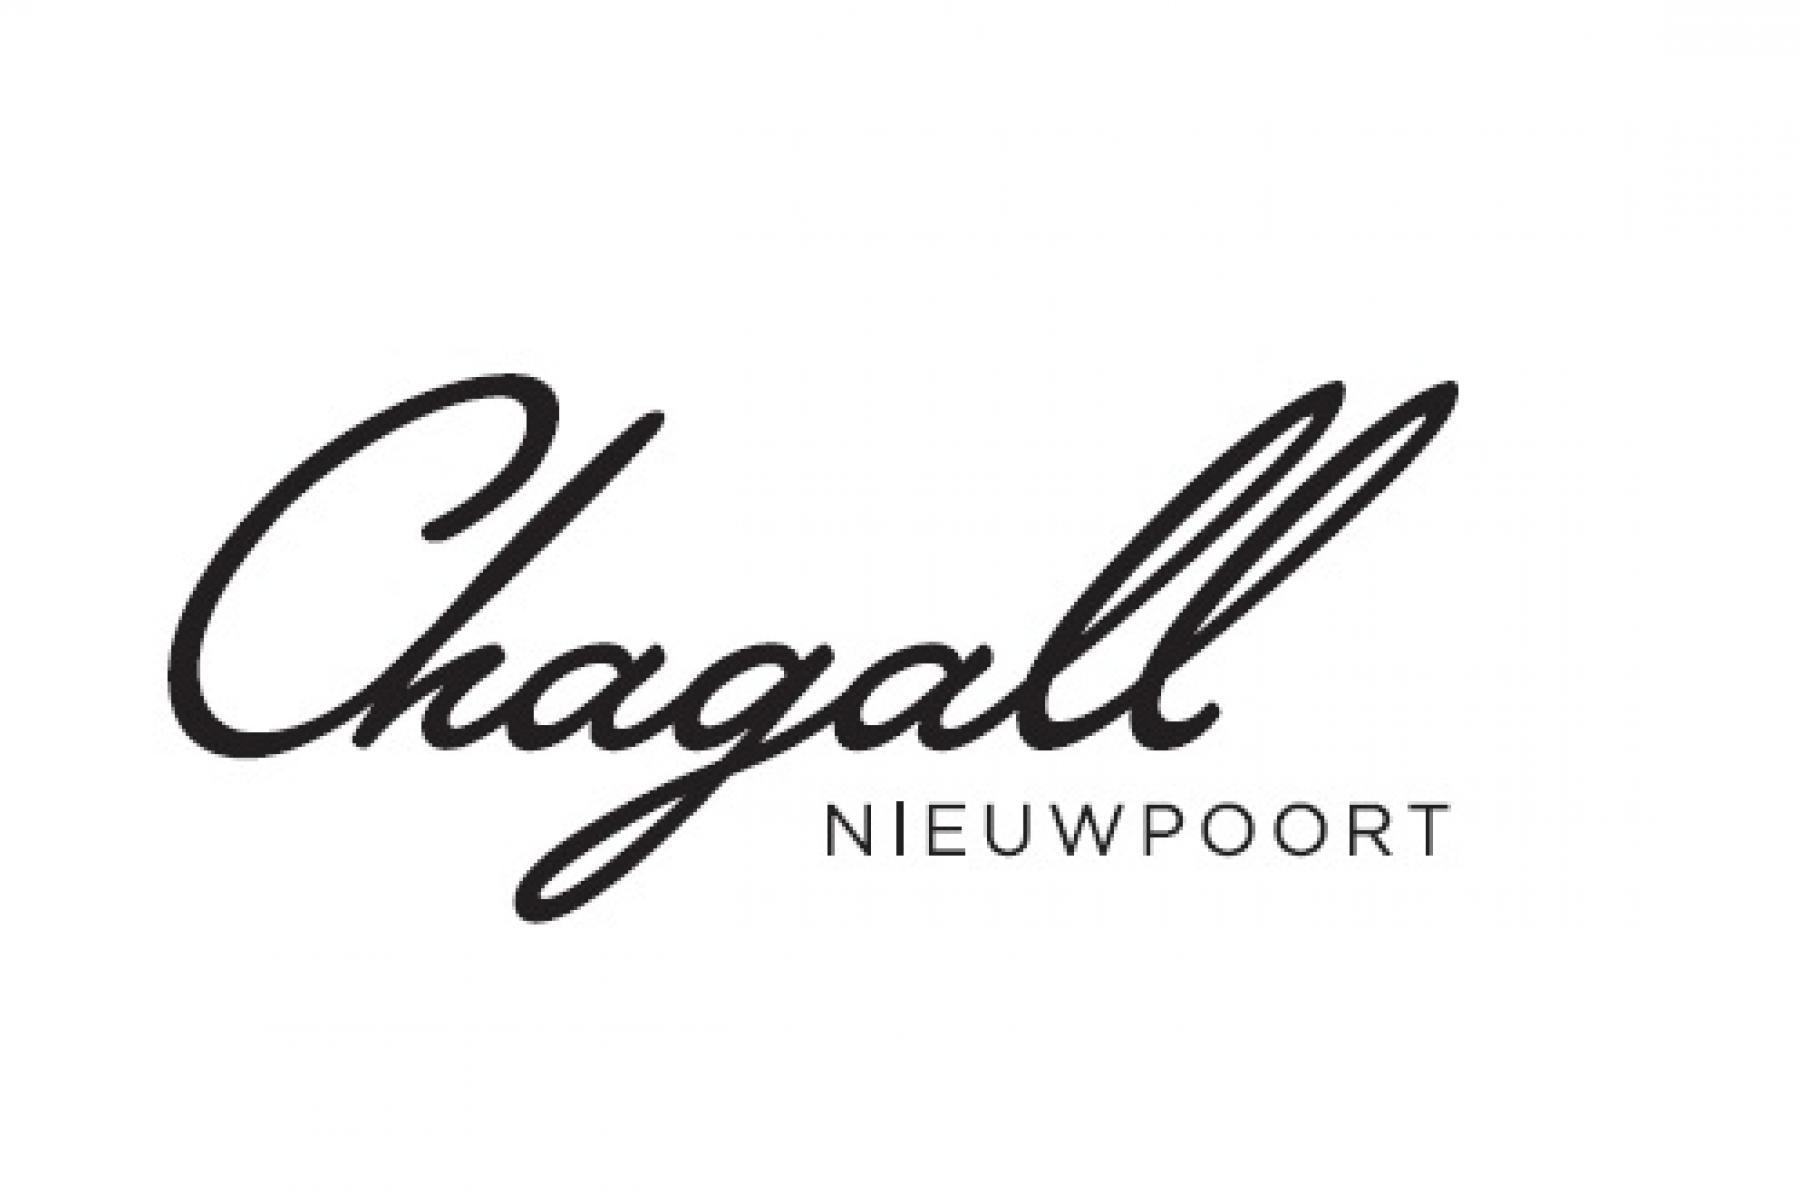 Ik koop in Nieuwpoort - Chagall